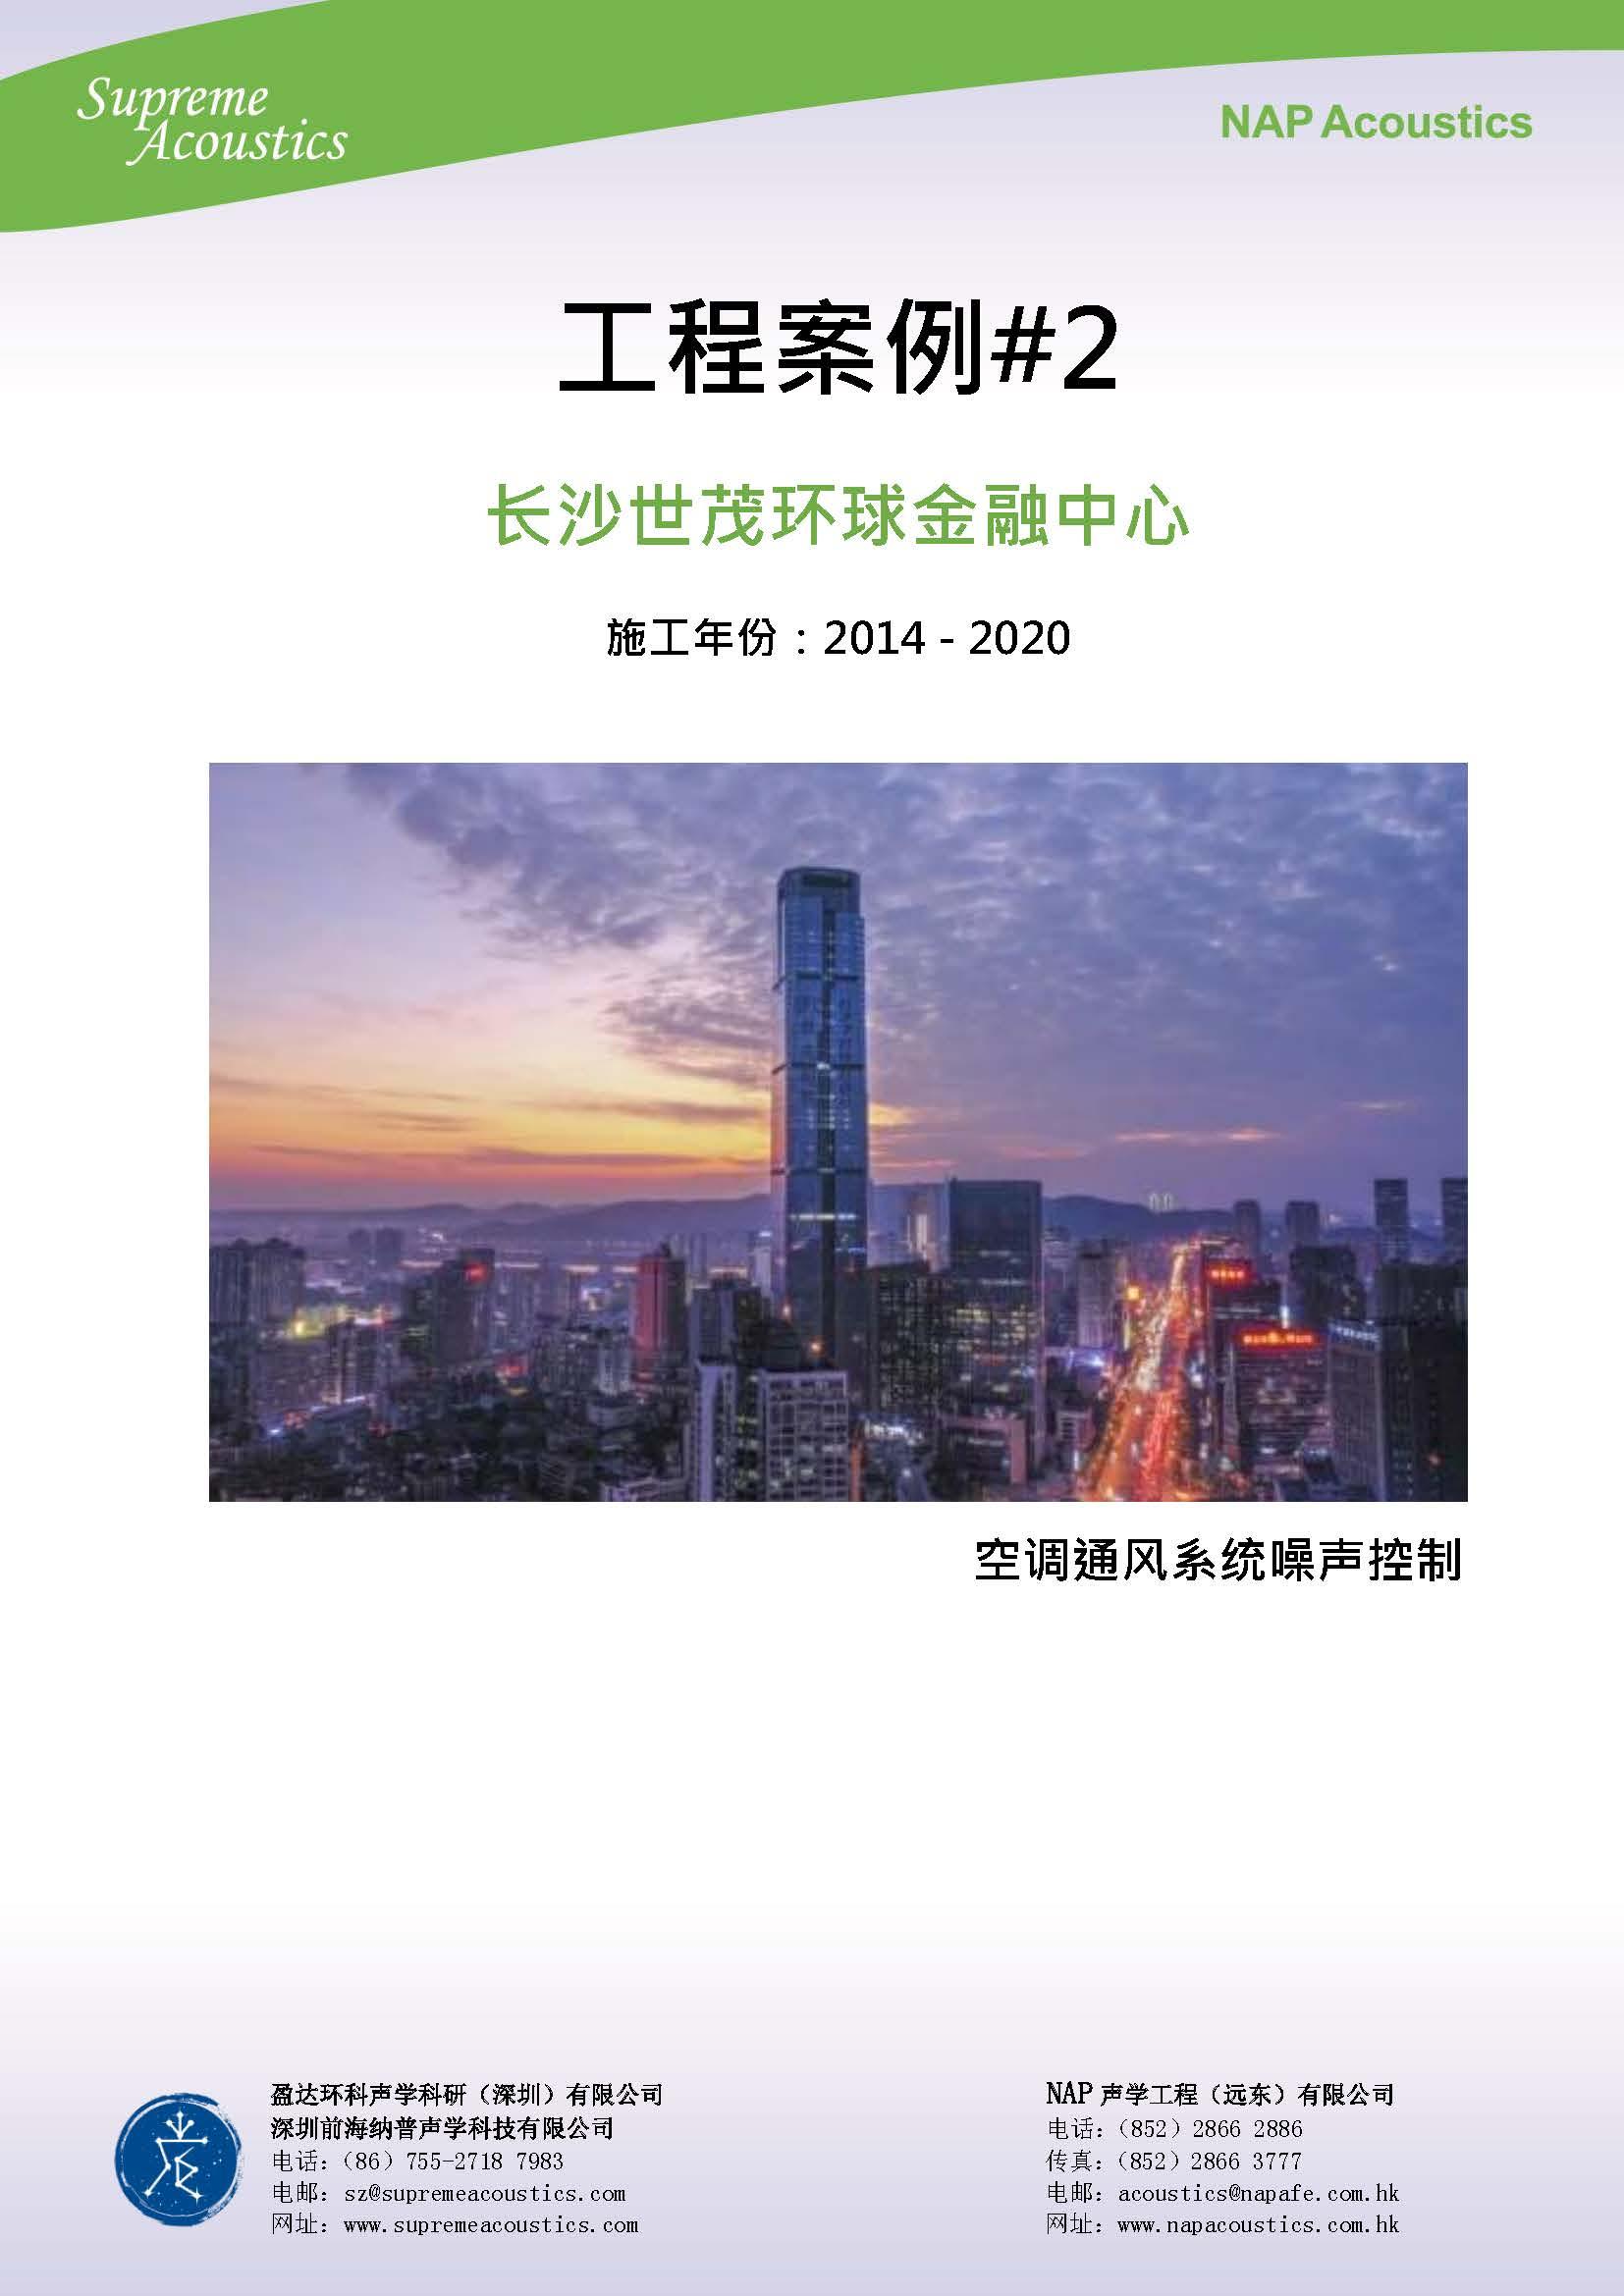 长沙世茂环球金融中心<br/> (商业大楼项目)